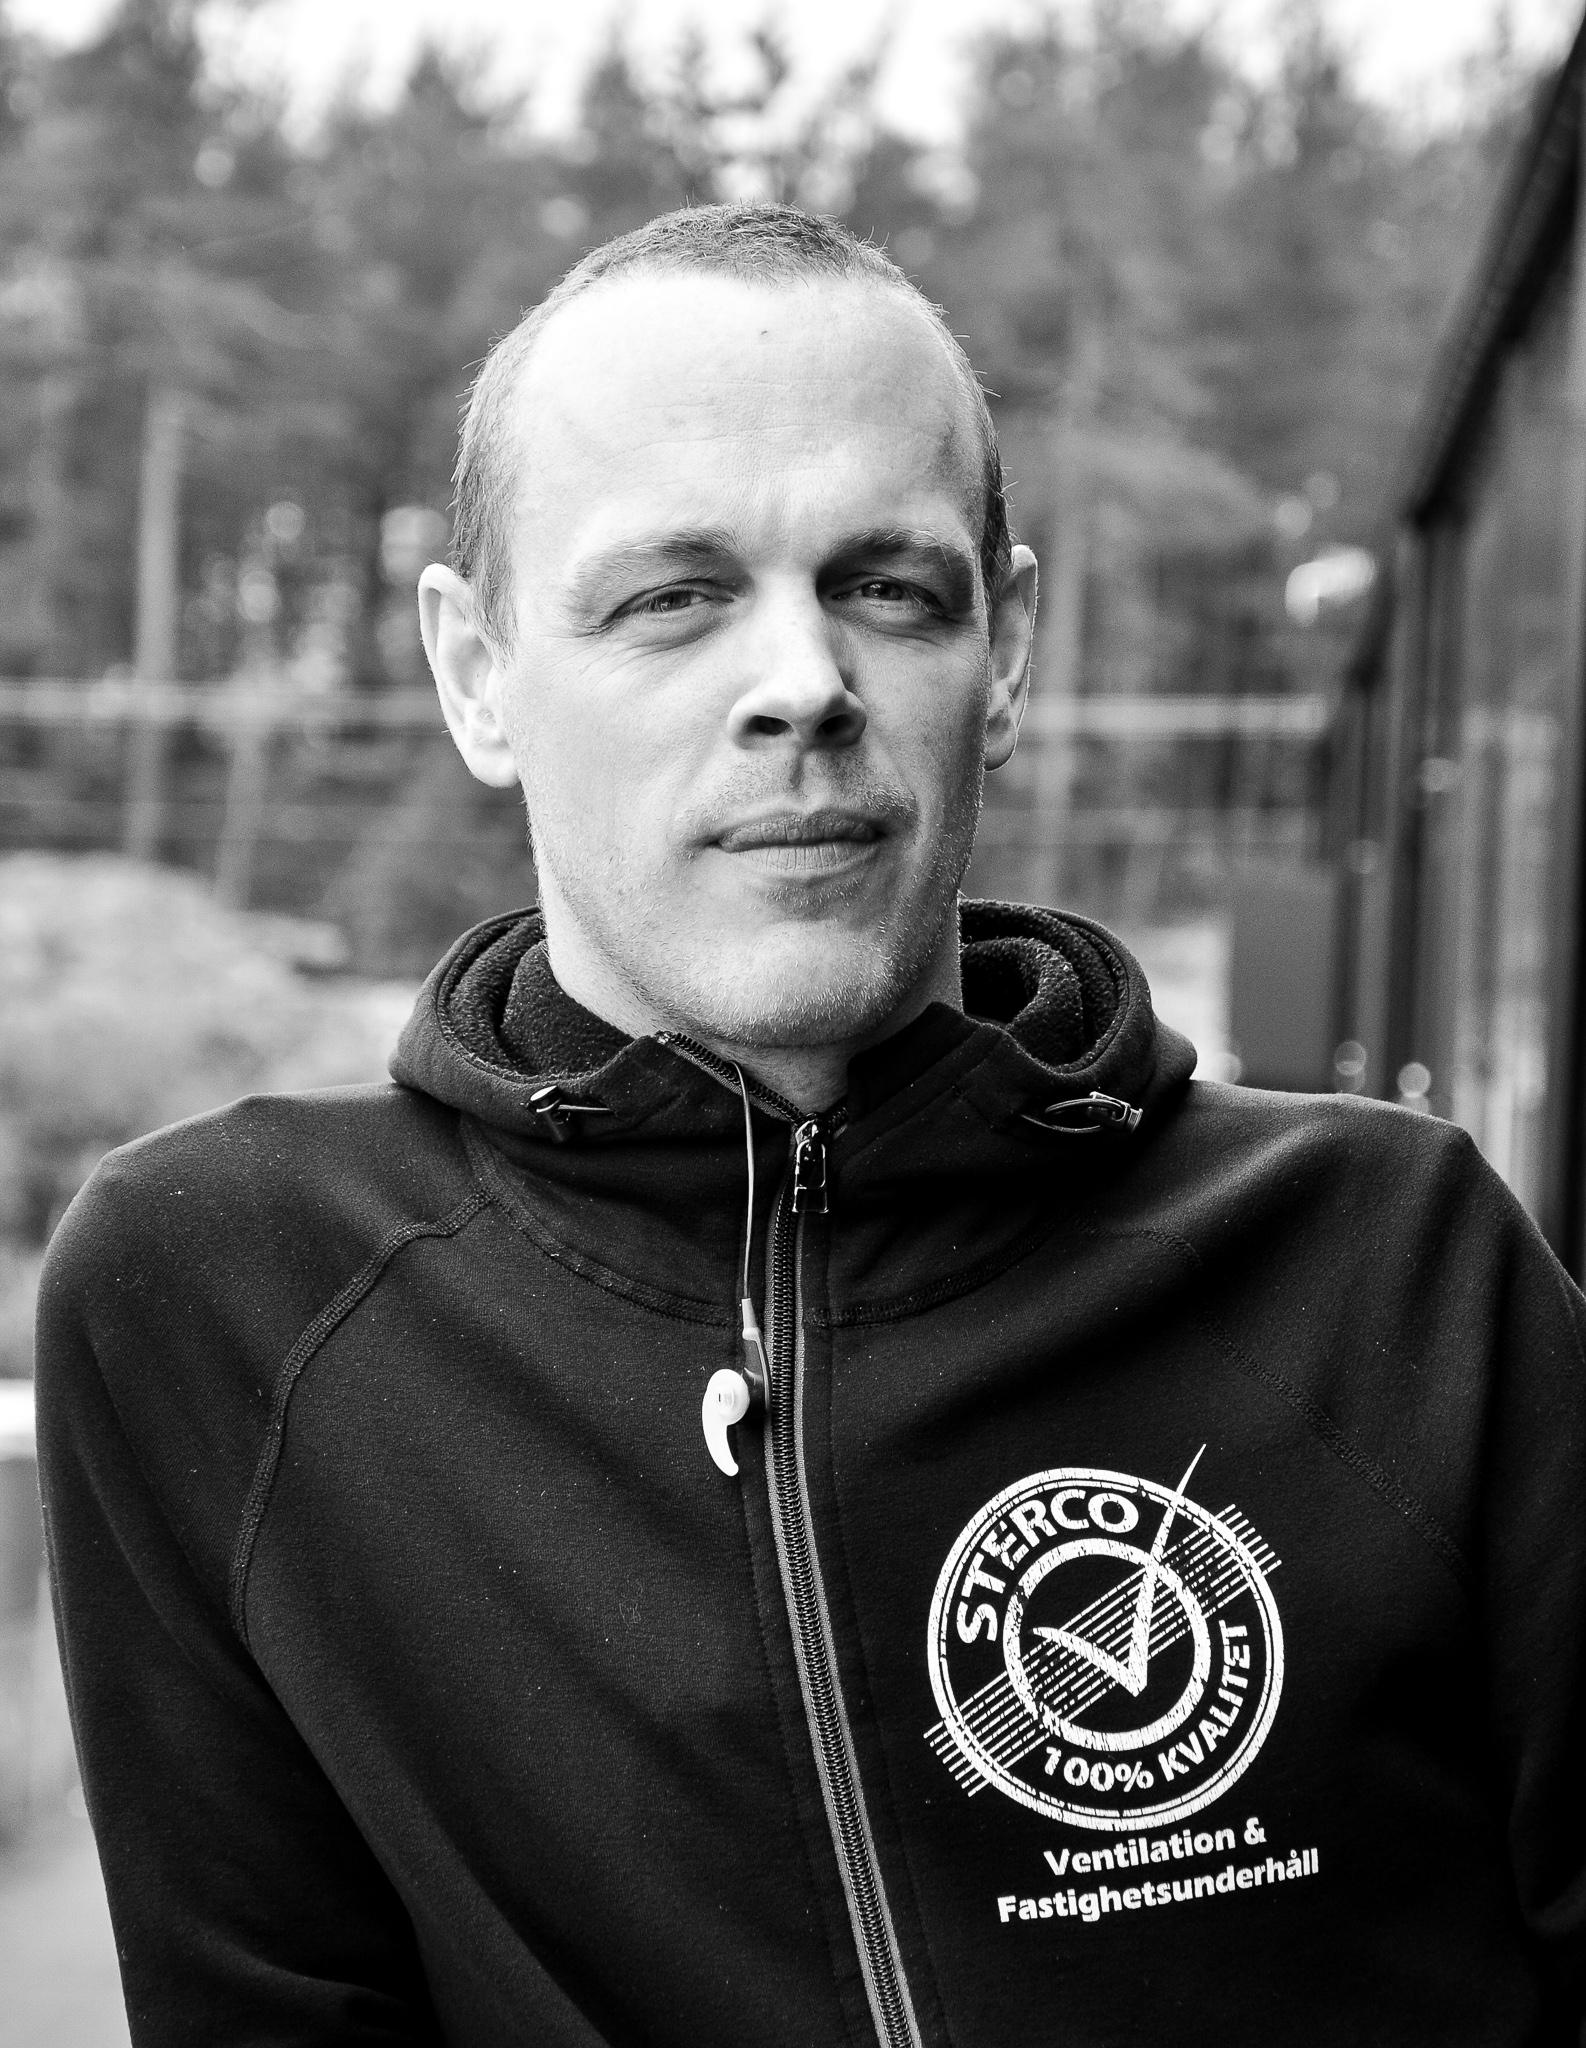 Andreas Hansson    andreas@sterco.se  08 47 47 714